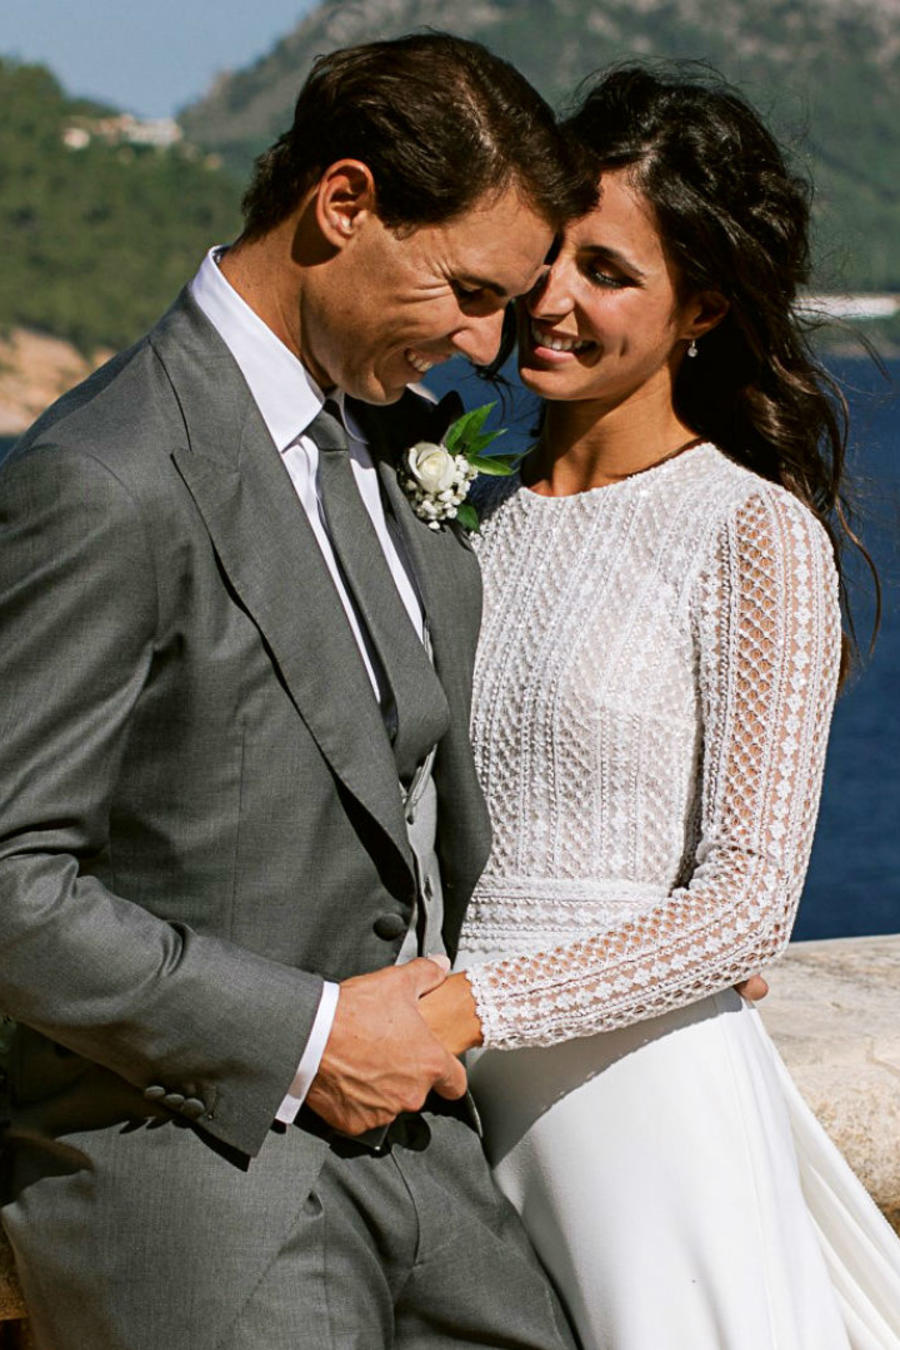 Boda de Rafael Nadal y boda de Carmen Villalobos